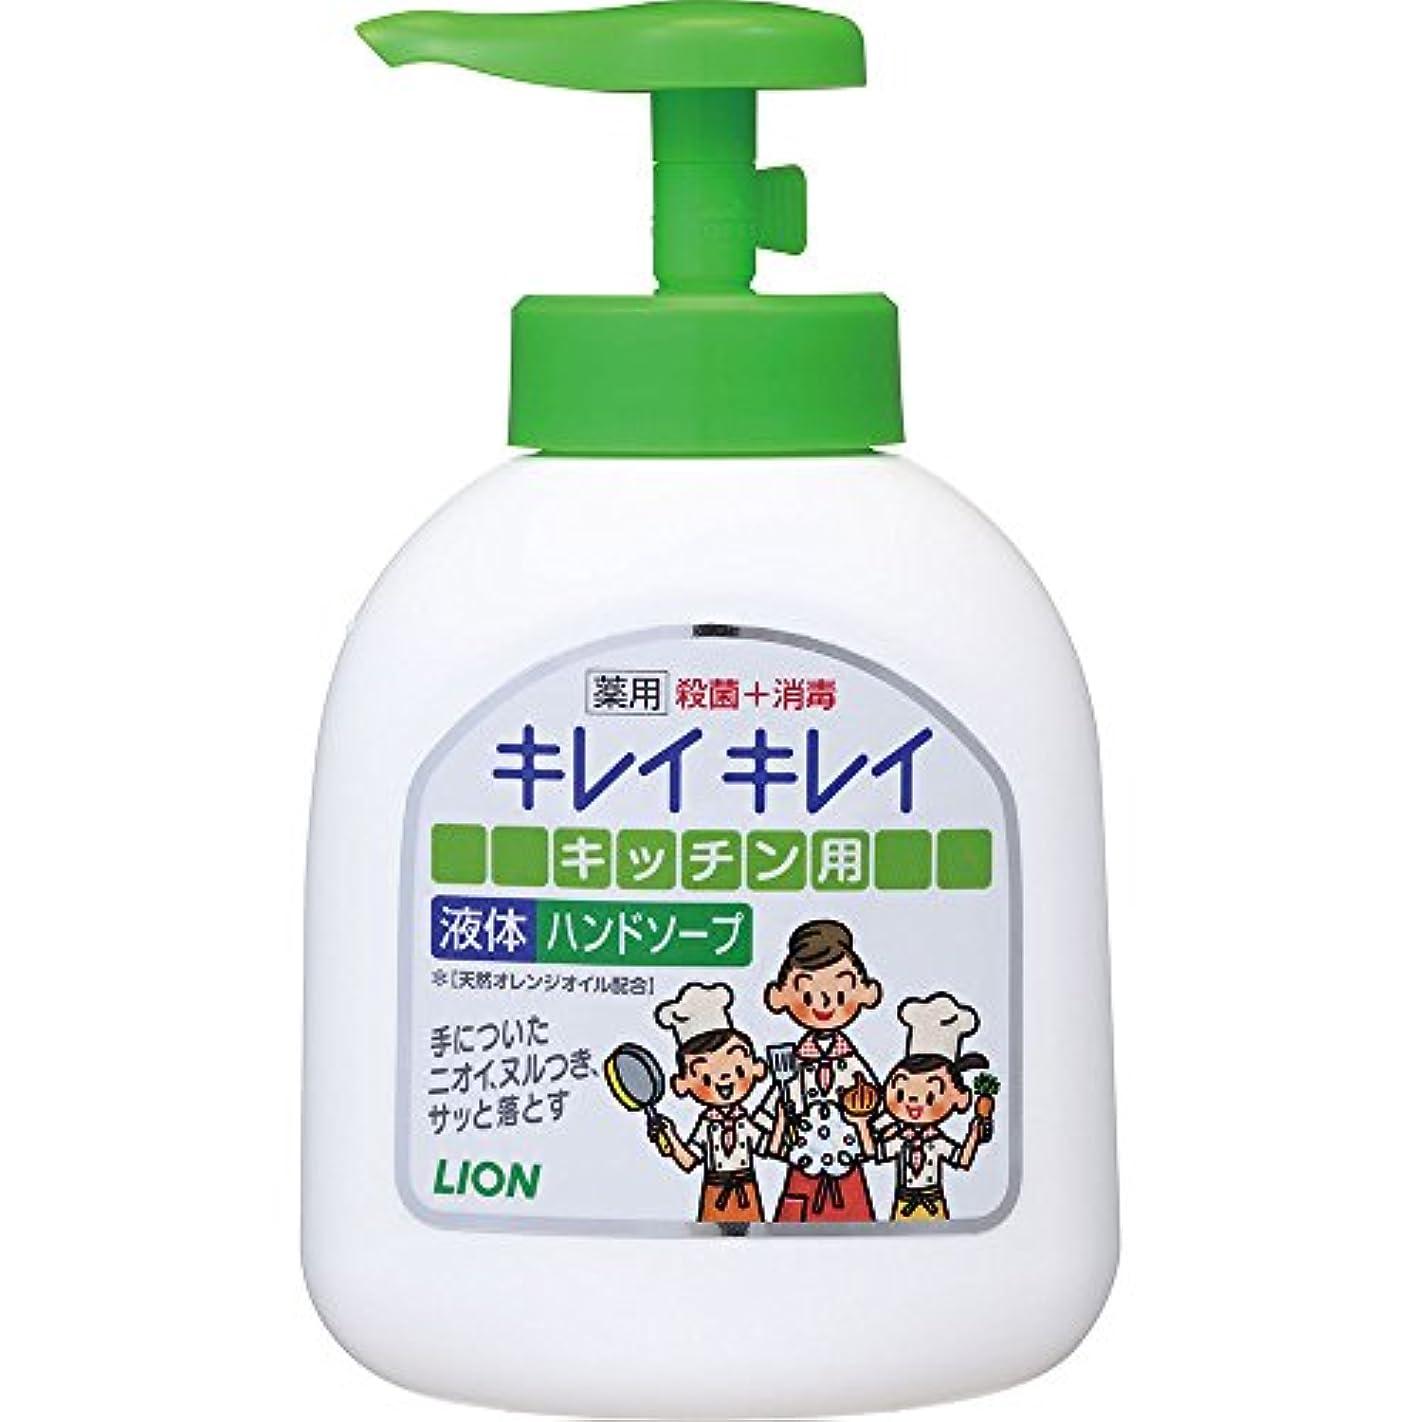 主婦収縮エールキレイキレイ 薬用 キッチンハンドソープ 本体ポンプ 250ml (医薬部外品)